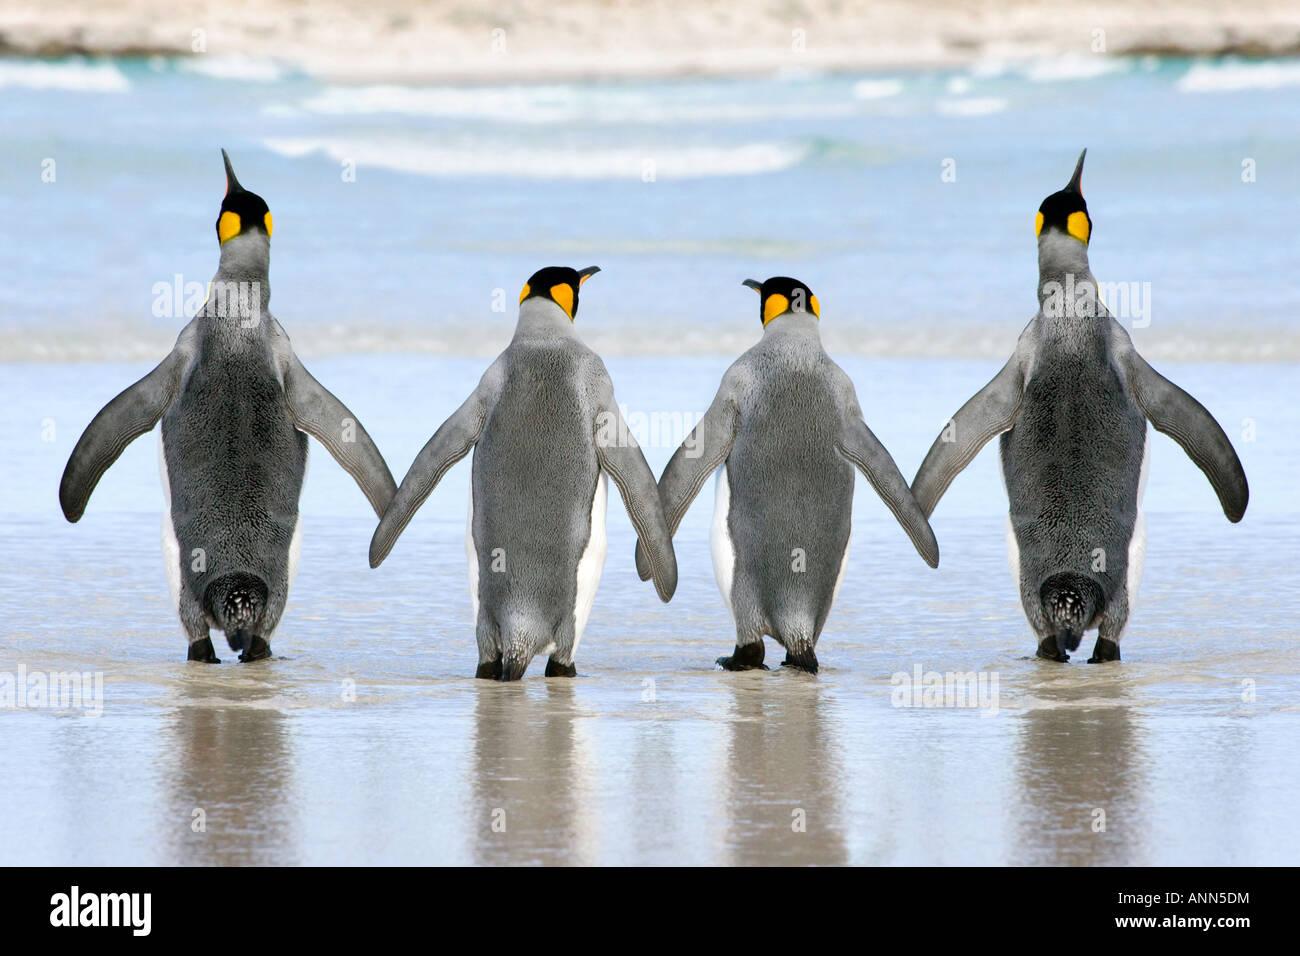 Un gruppo di 4 Re Penguin attraversando le sabbie mano nella mano Immagini Stock